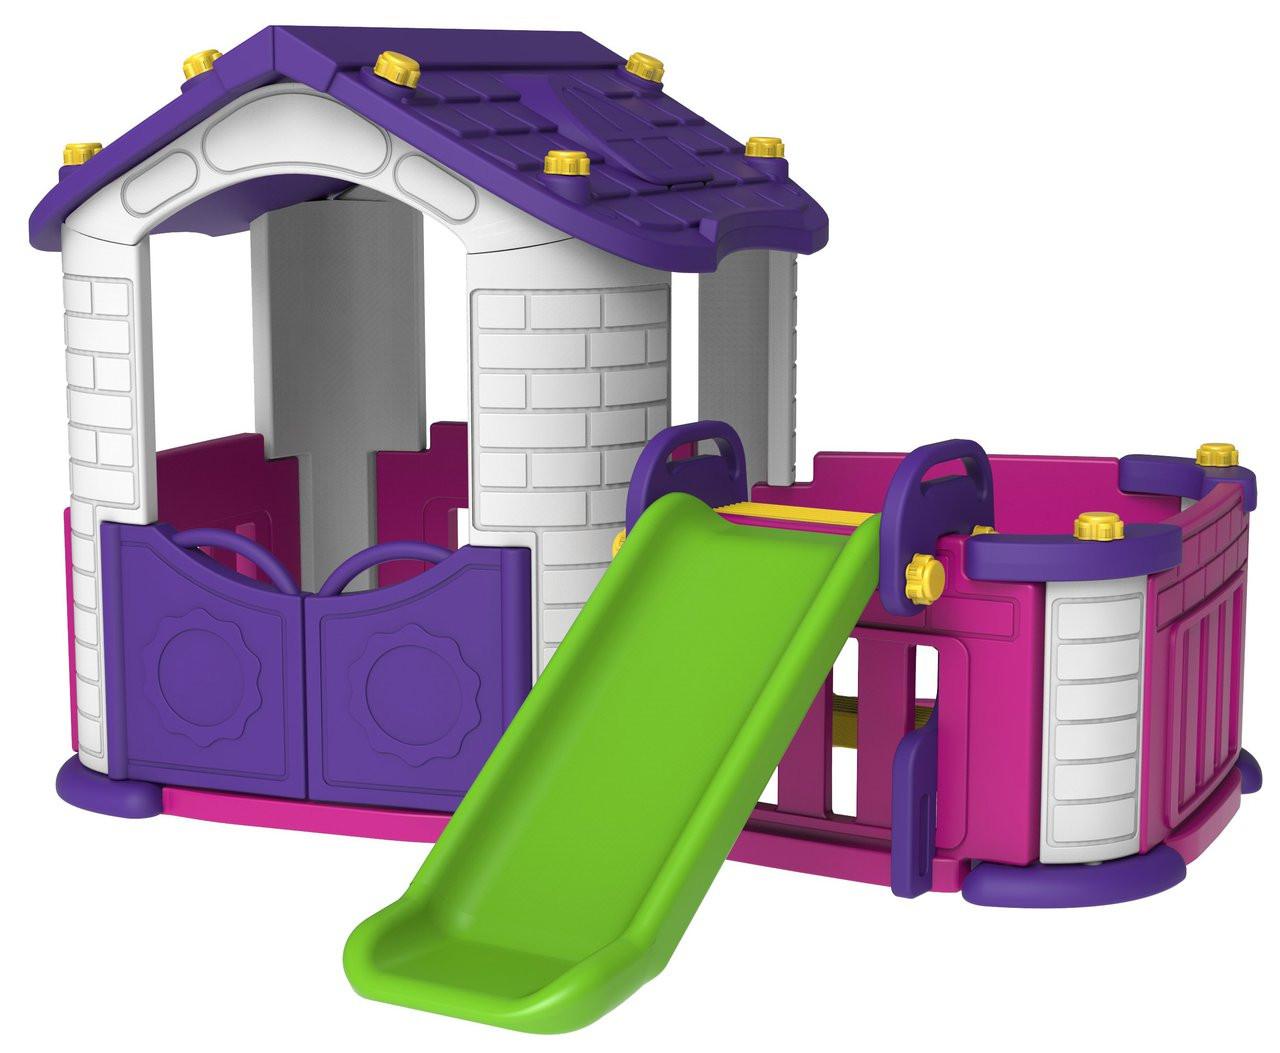 Sunshine Pink Modular Playhouse with Basketball Hoop, Slide Kid's Play Table